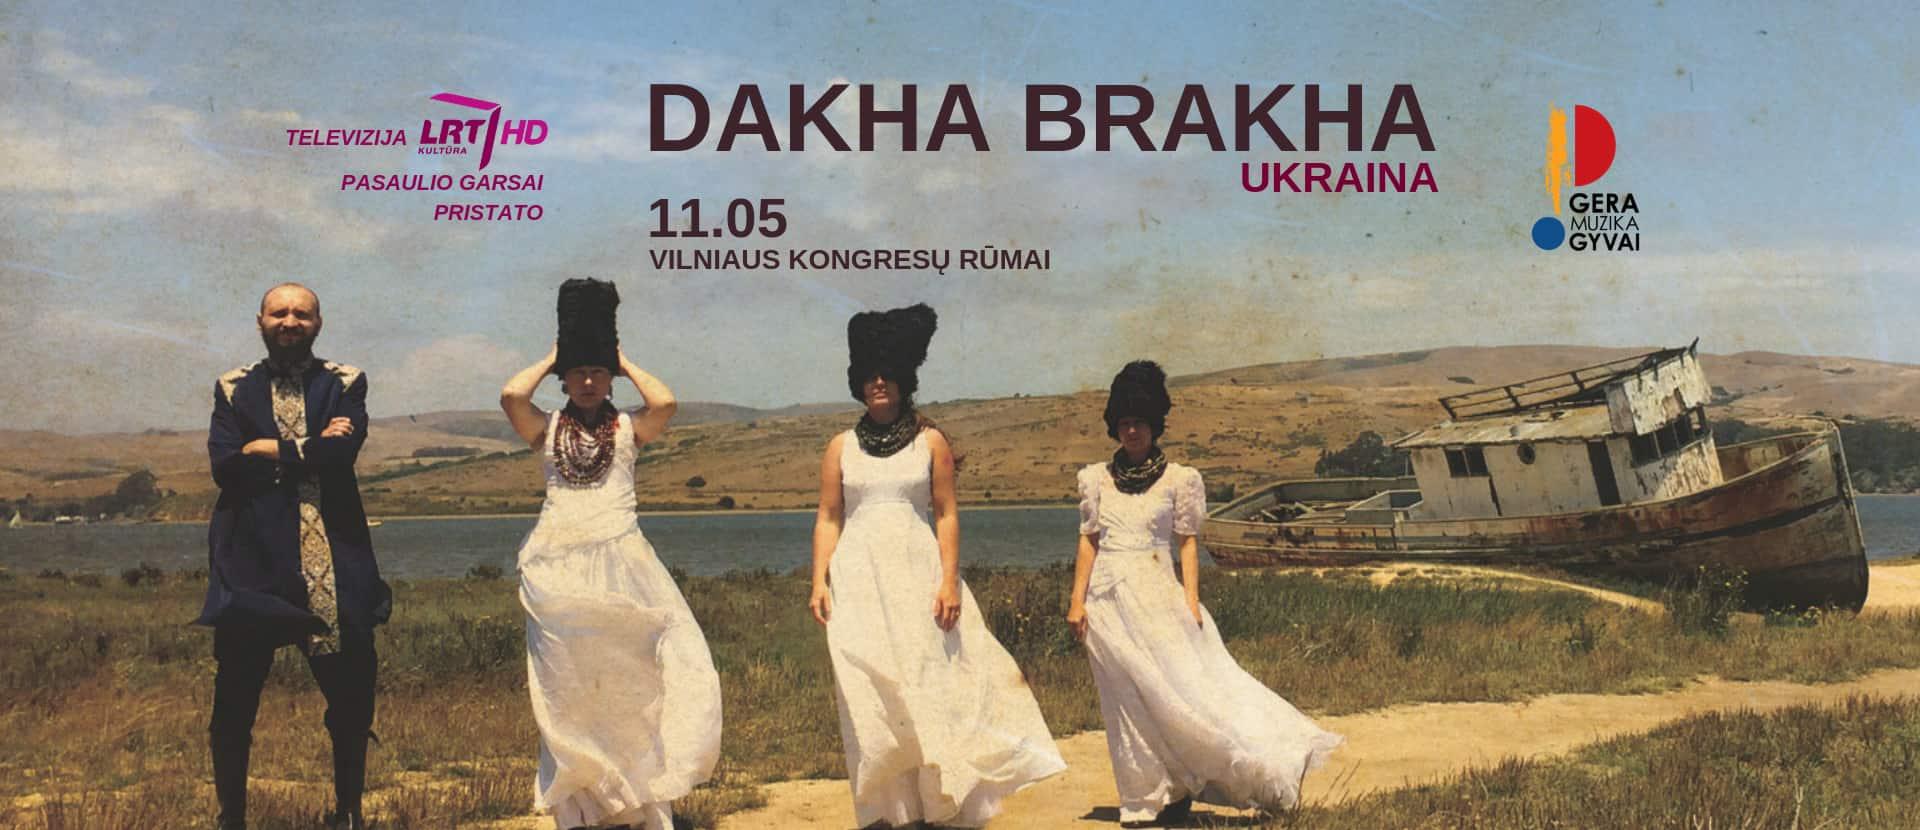 DAKHA BRAKHA (Ukraina)